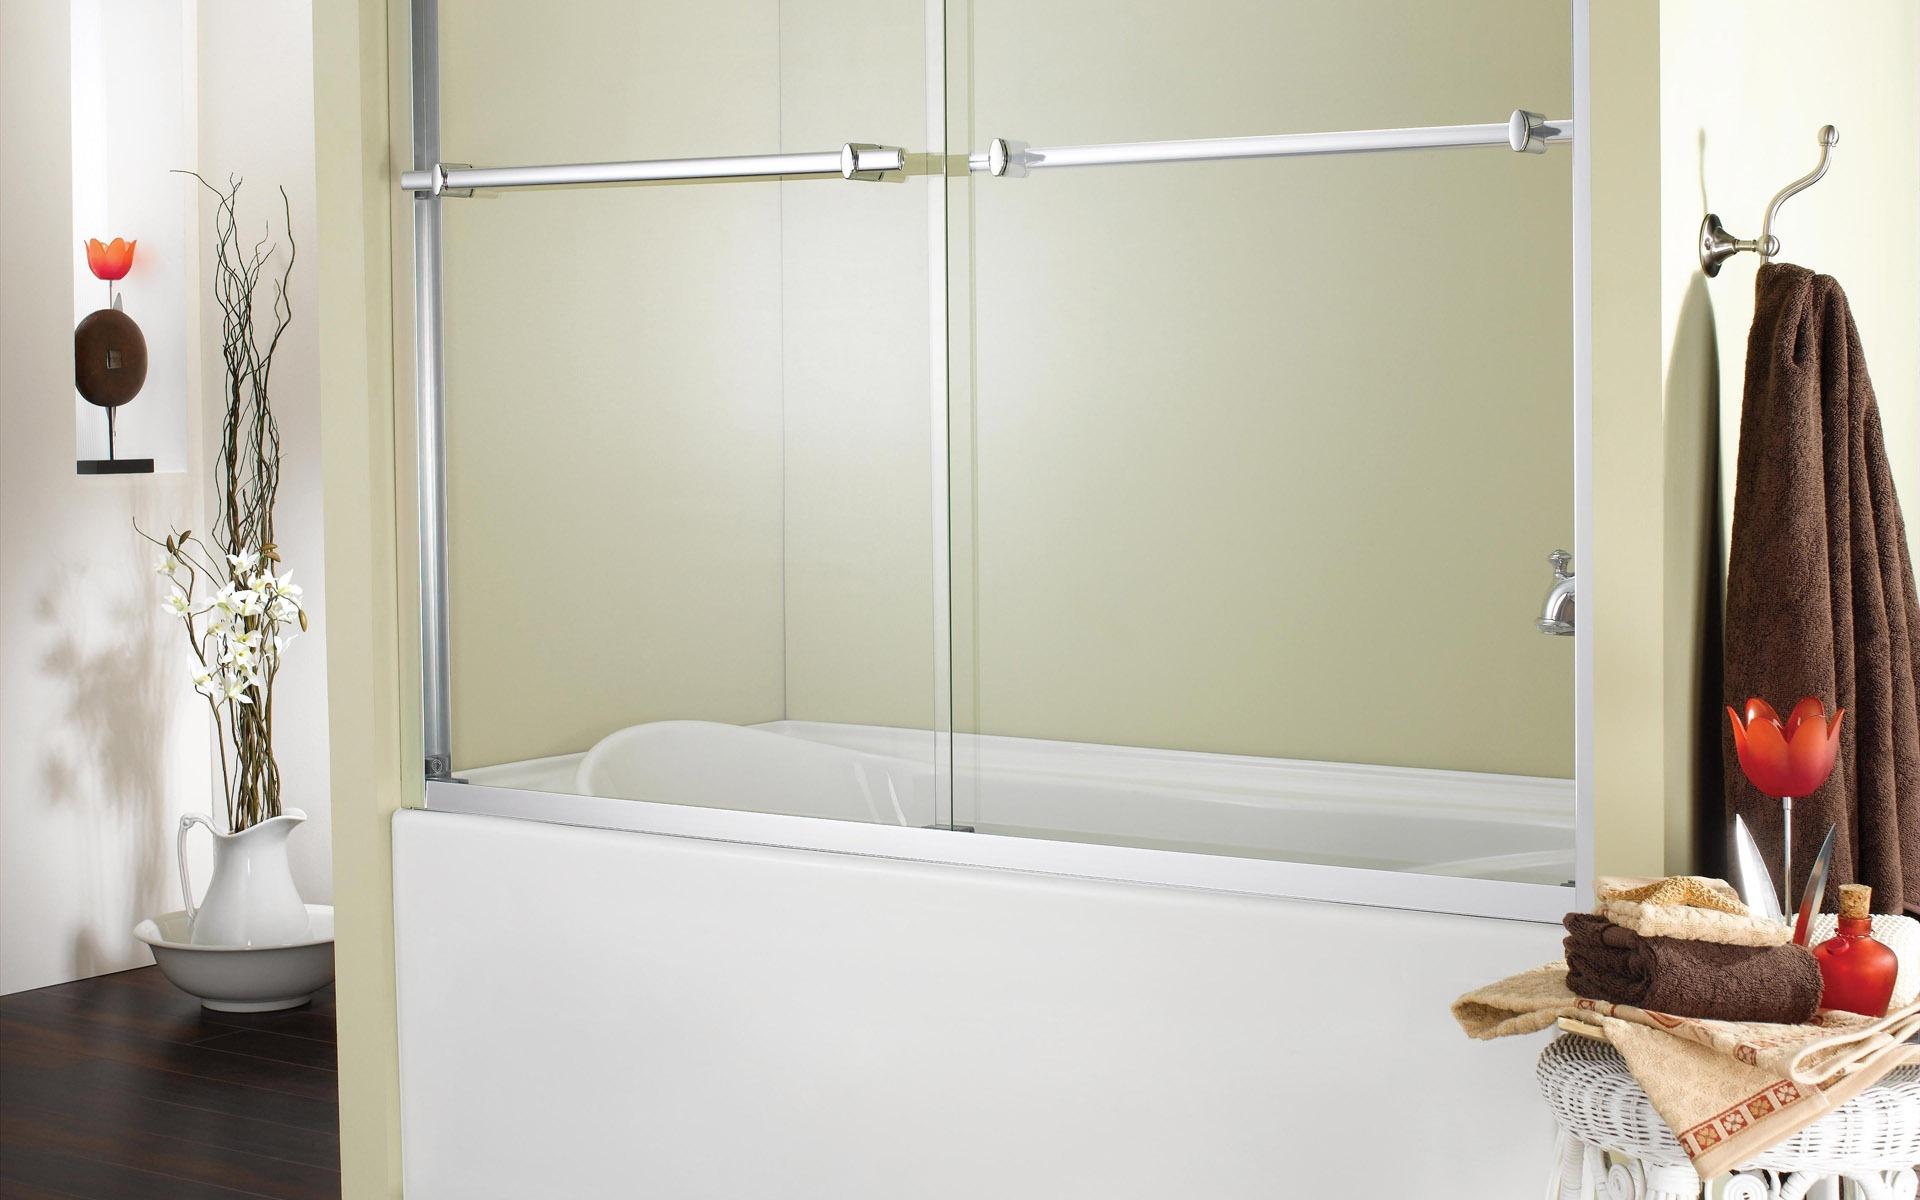 fond d 39 cran photo salle de bain 2 15 1920x1200 fond d 39 cran t l charger fond d 39 cran. Black Bedroom Furniture Sets. Home Design Ideas